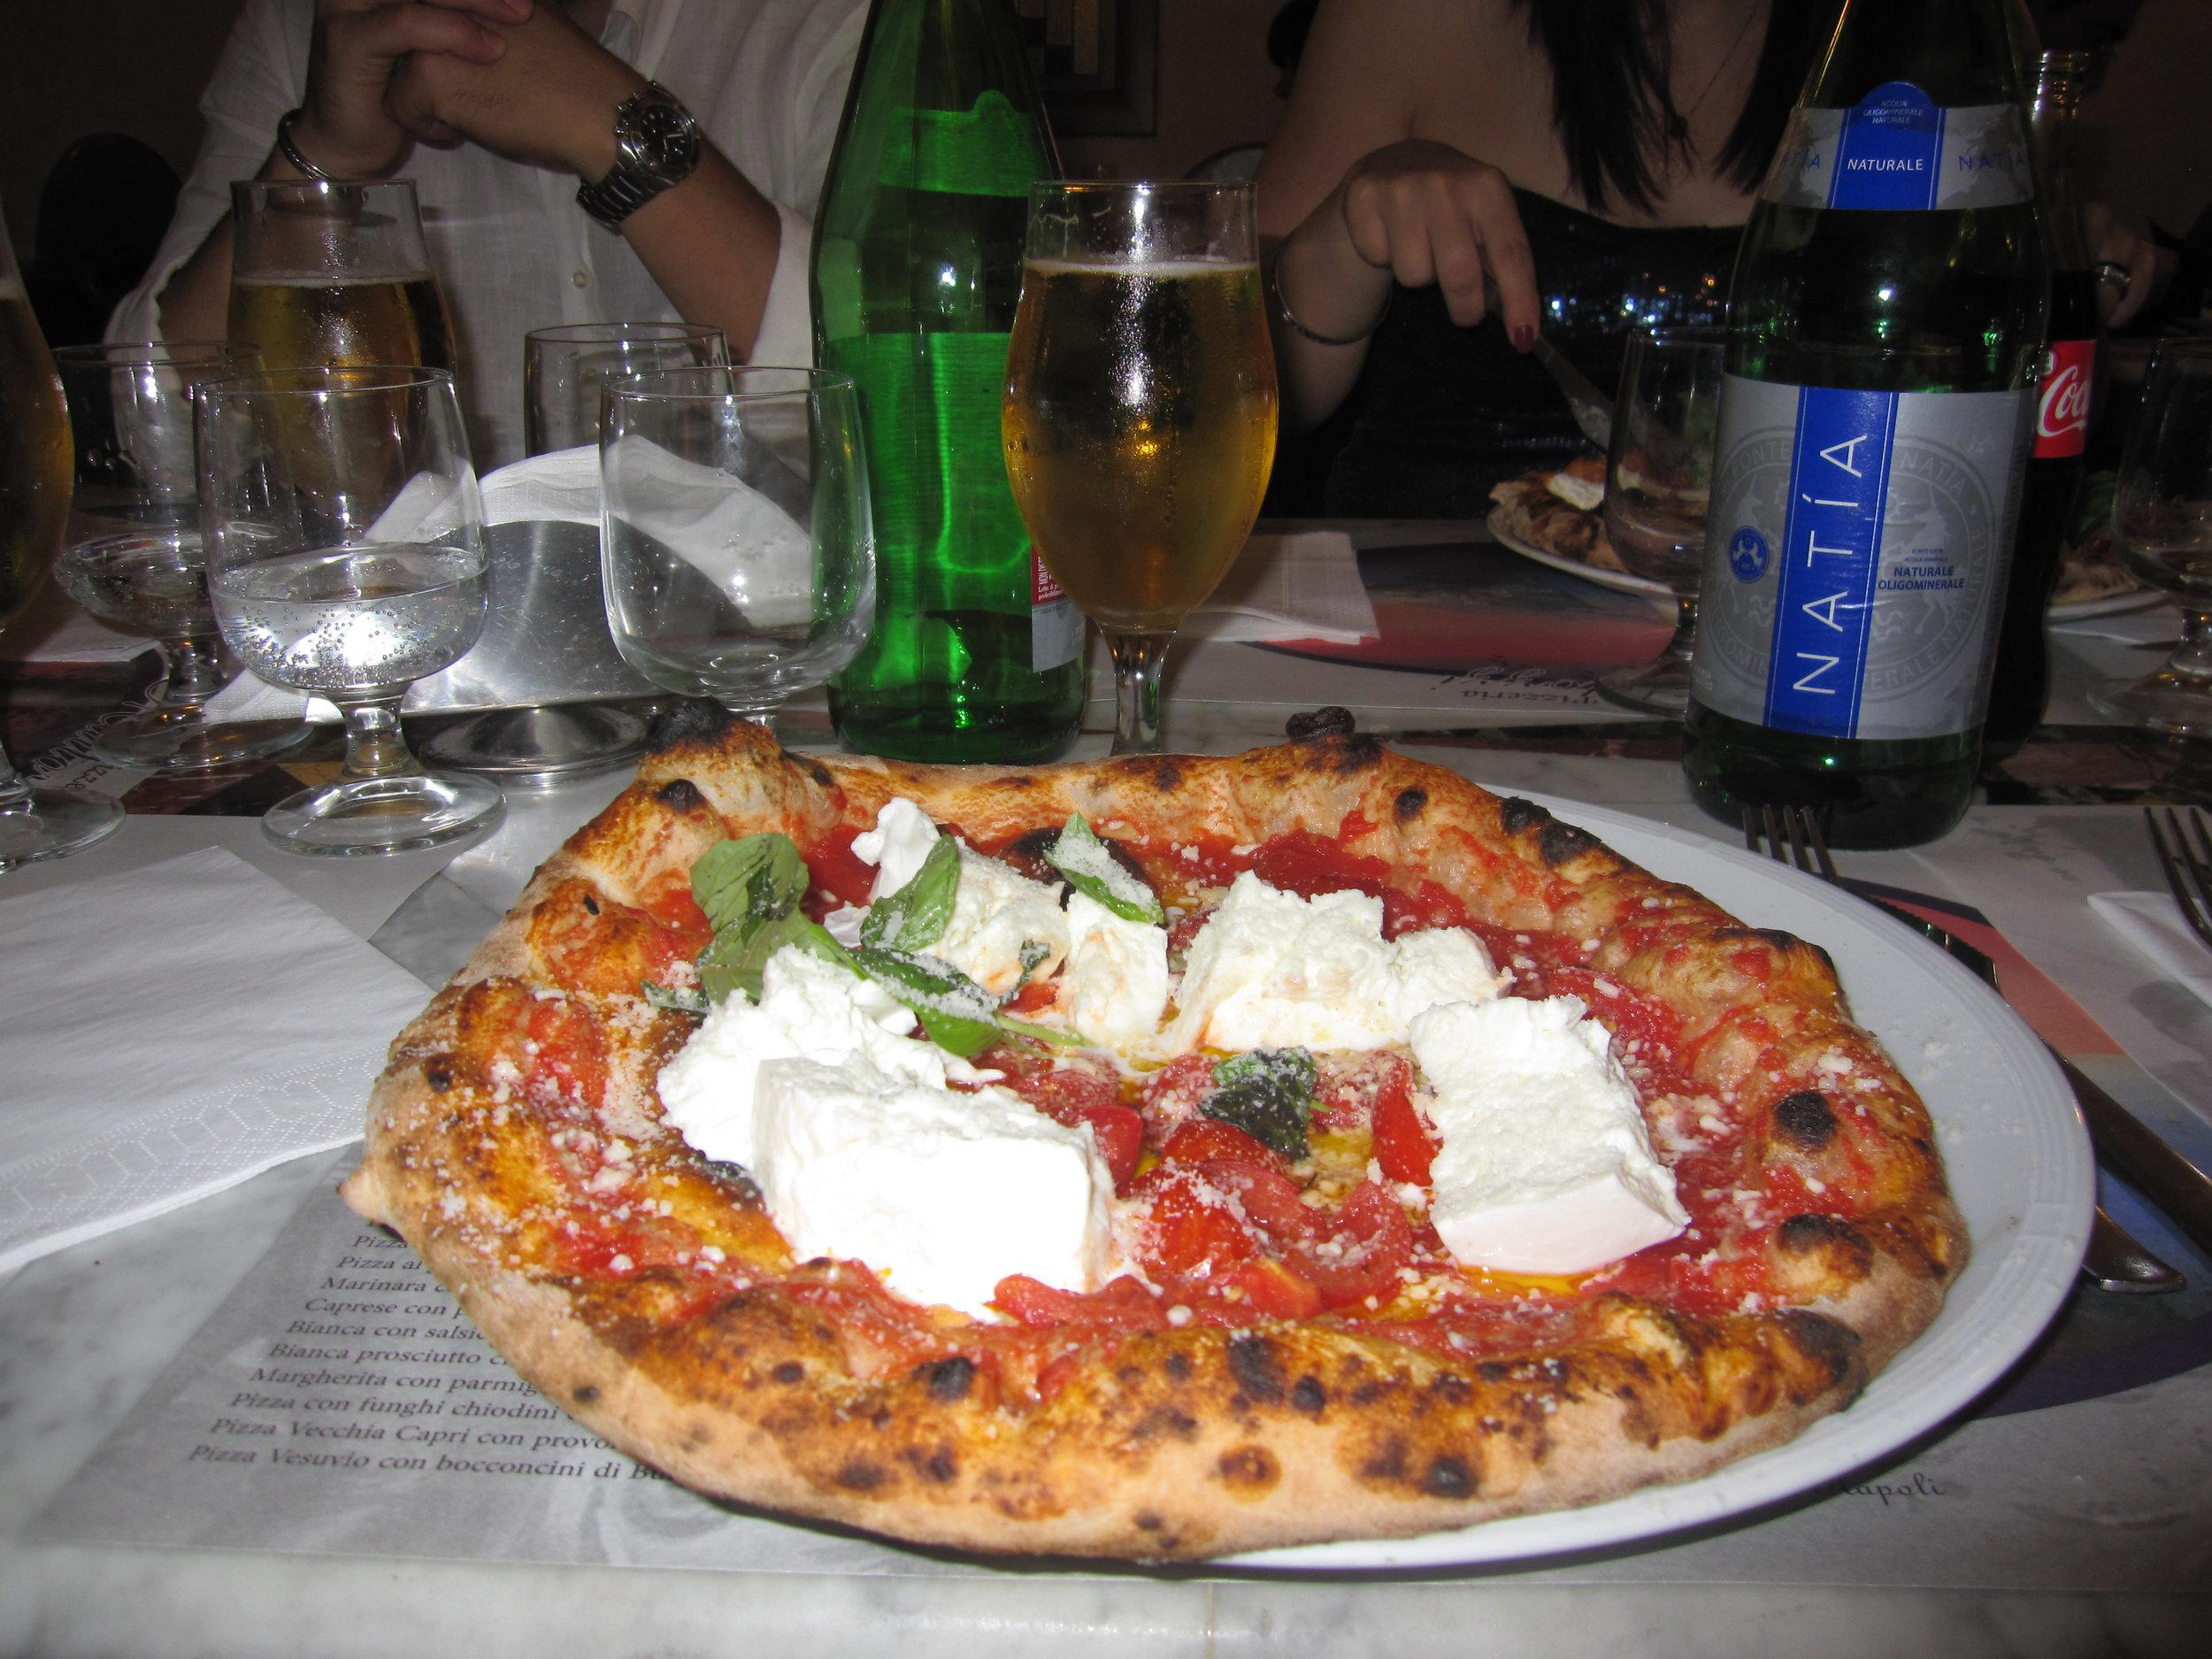 Pizzeria Mattozzi, via  V. Filangieri, 16, 80121.